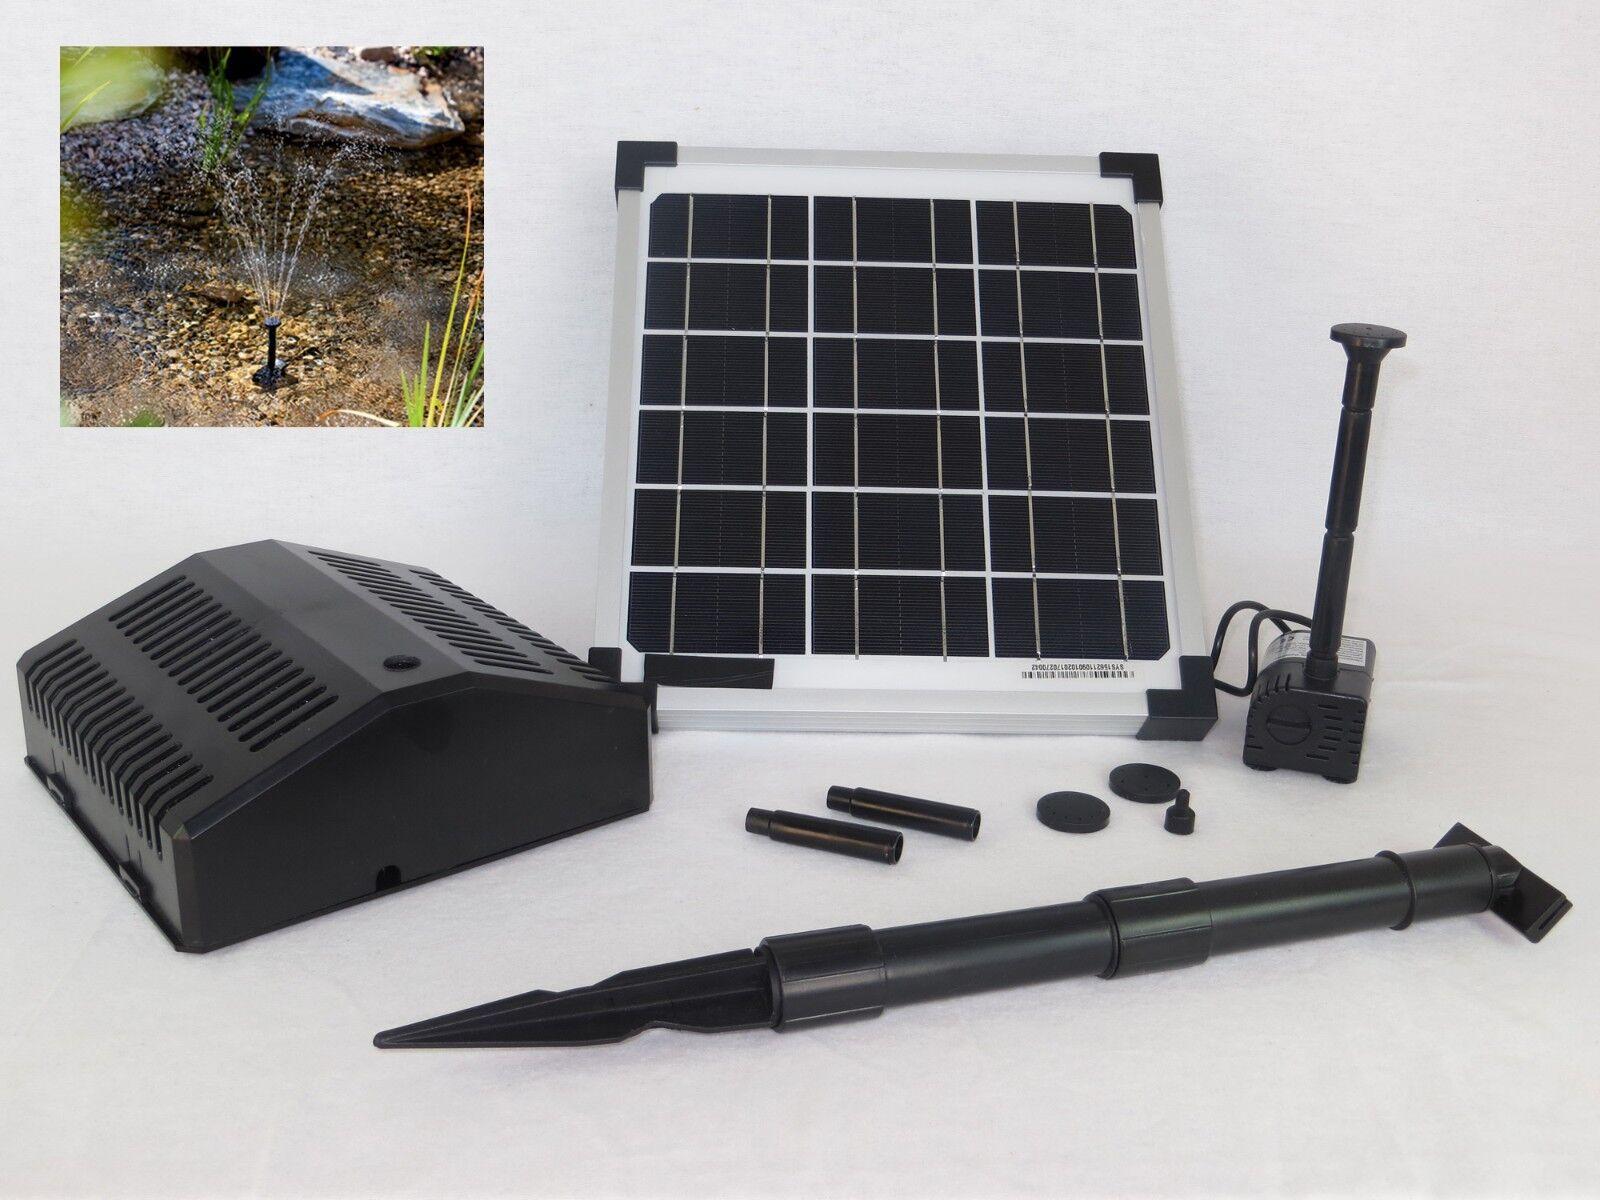 10 vatios solar bomba estanque solar bomba sumergible pumpenset jardín bomba estanque Nuevo